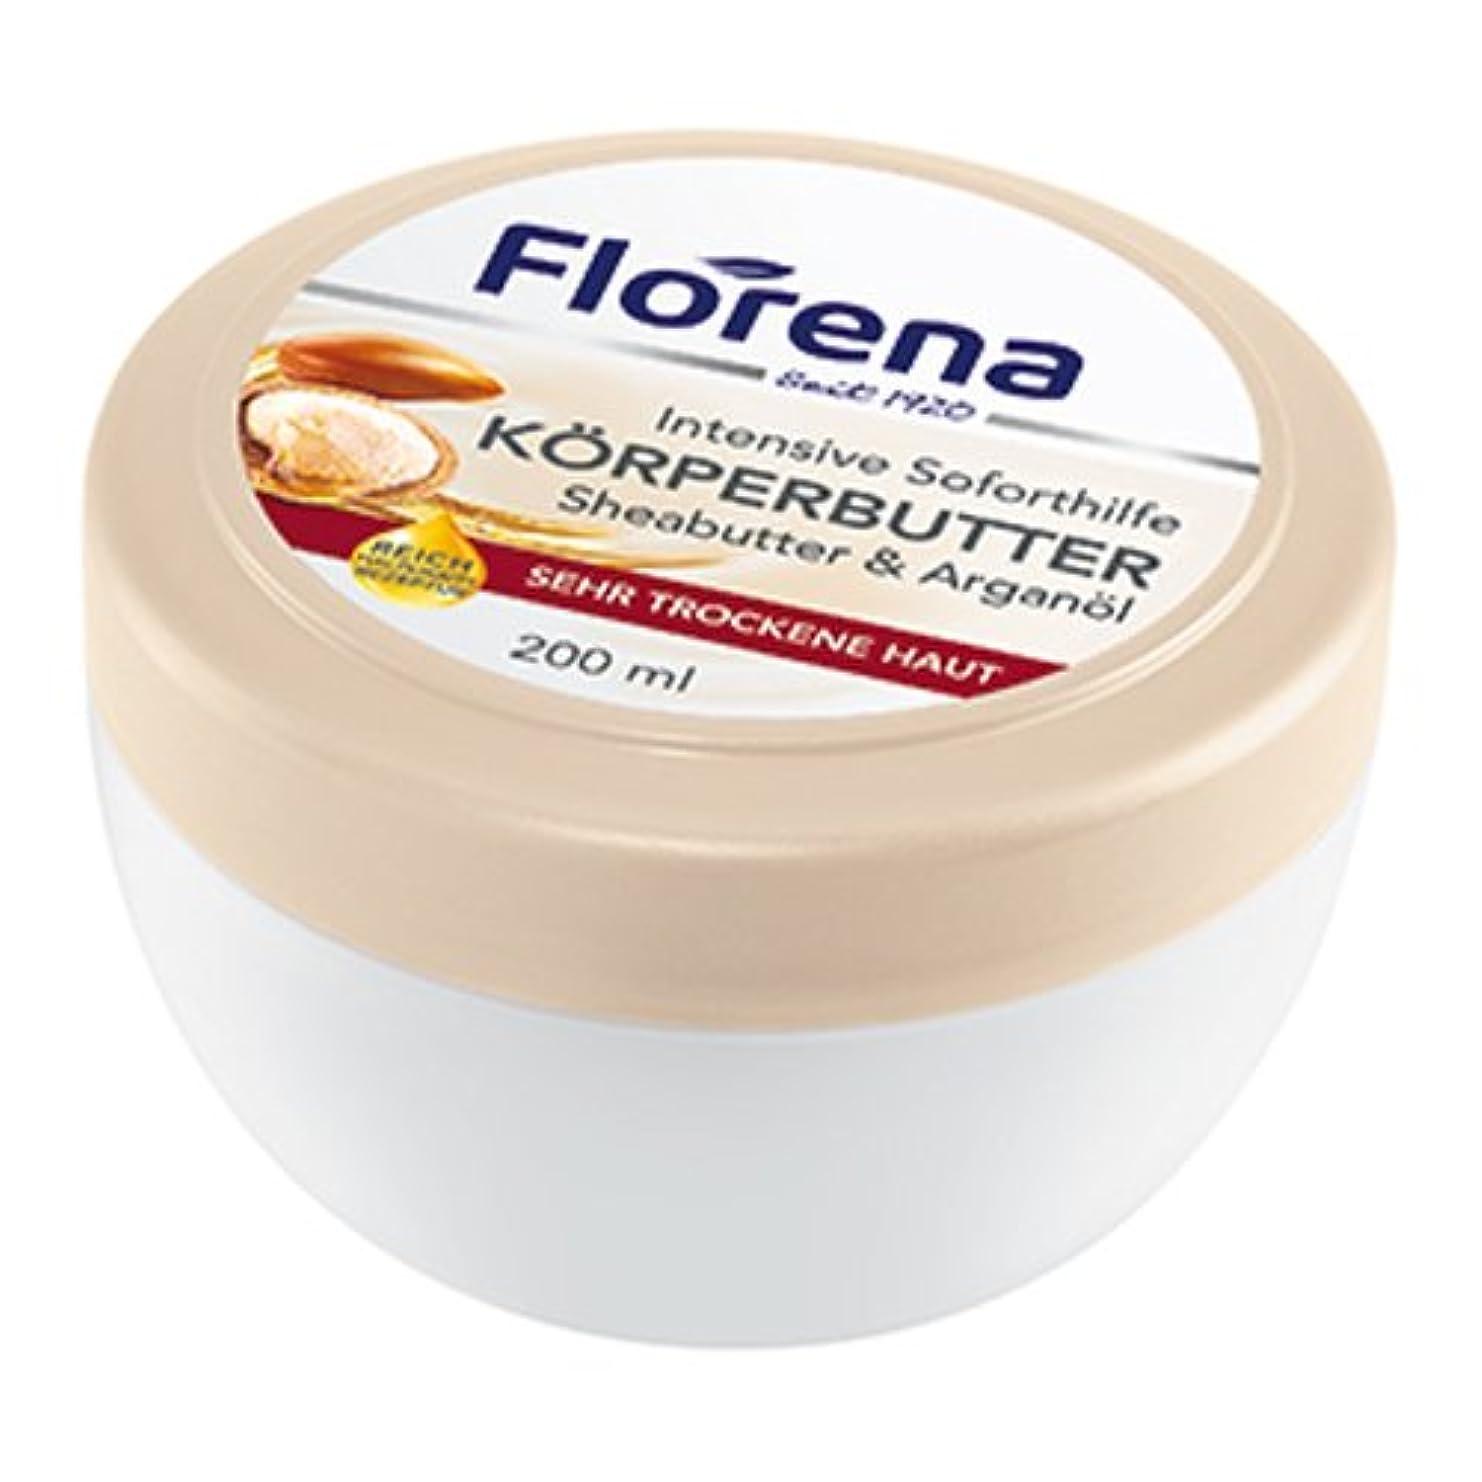 症候群リフト奨励しますフロレナ フロレナ ボディバター 200ml